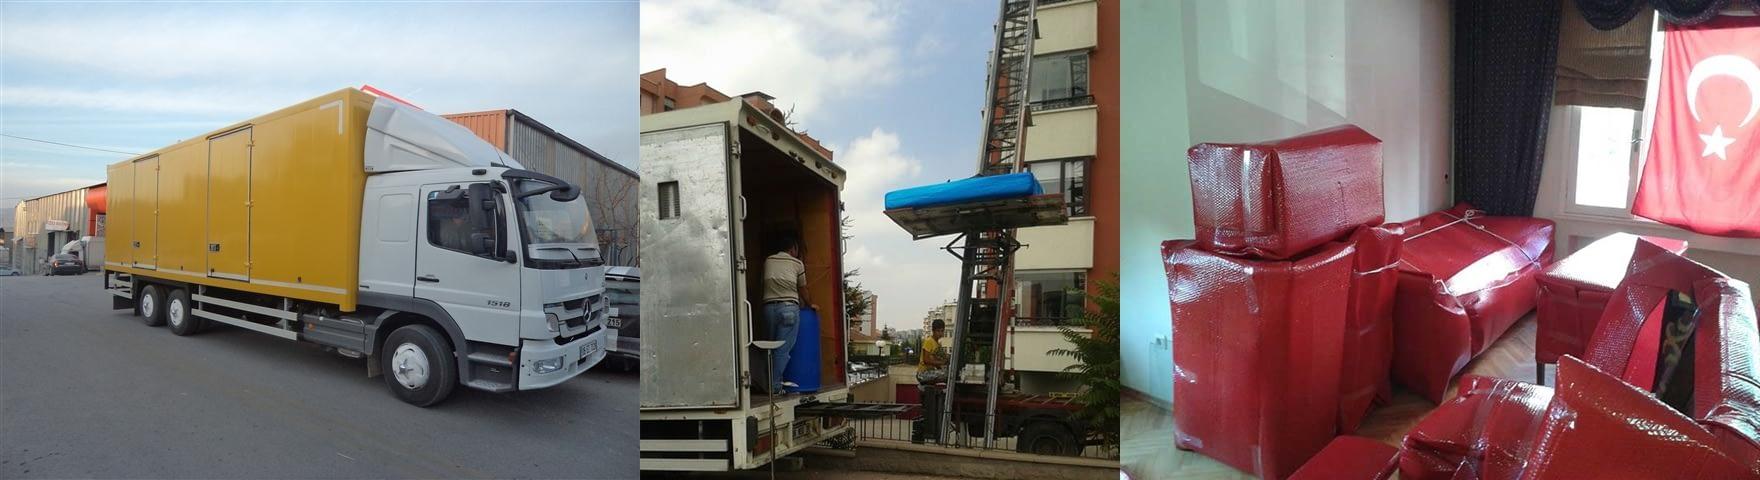 ankara afyon şehirlerarası taşıma